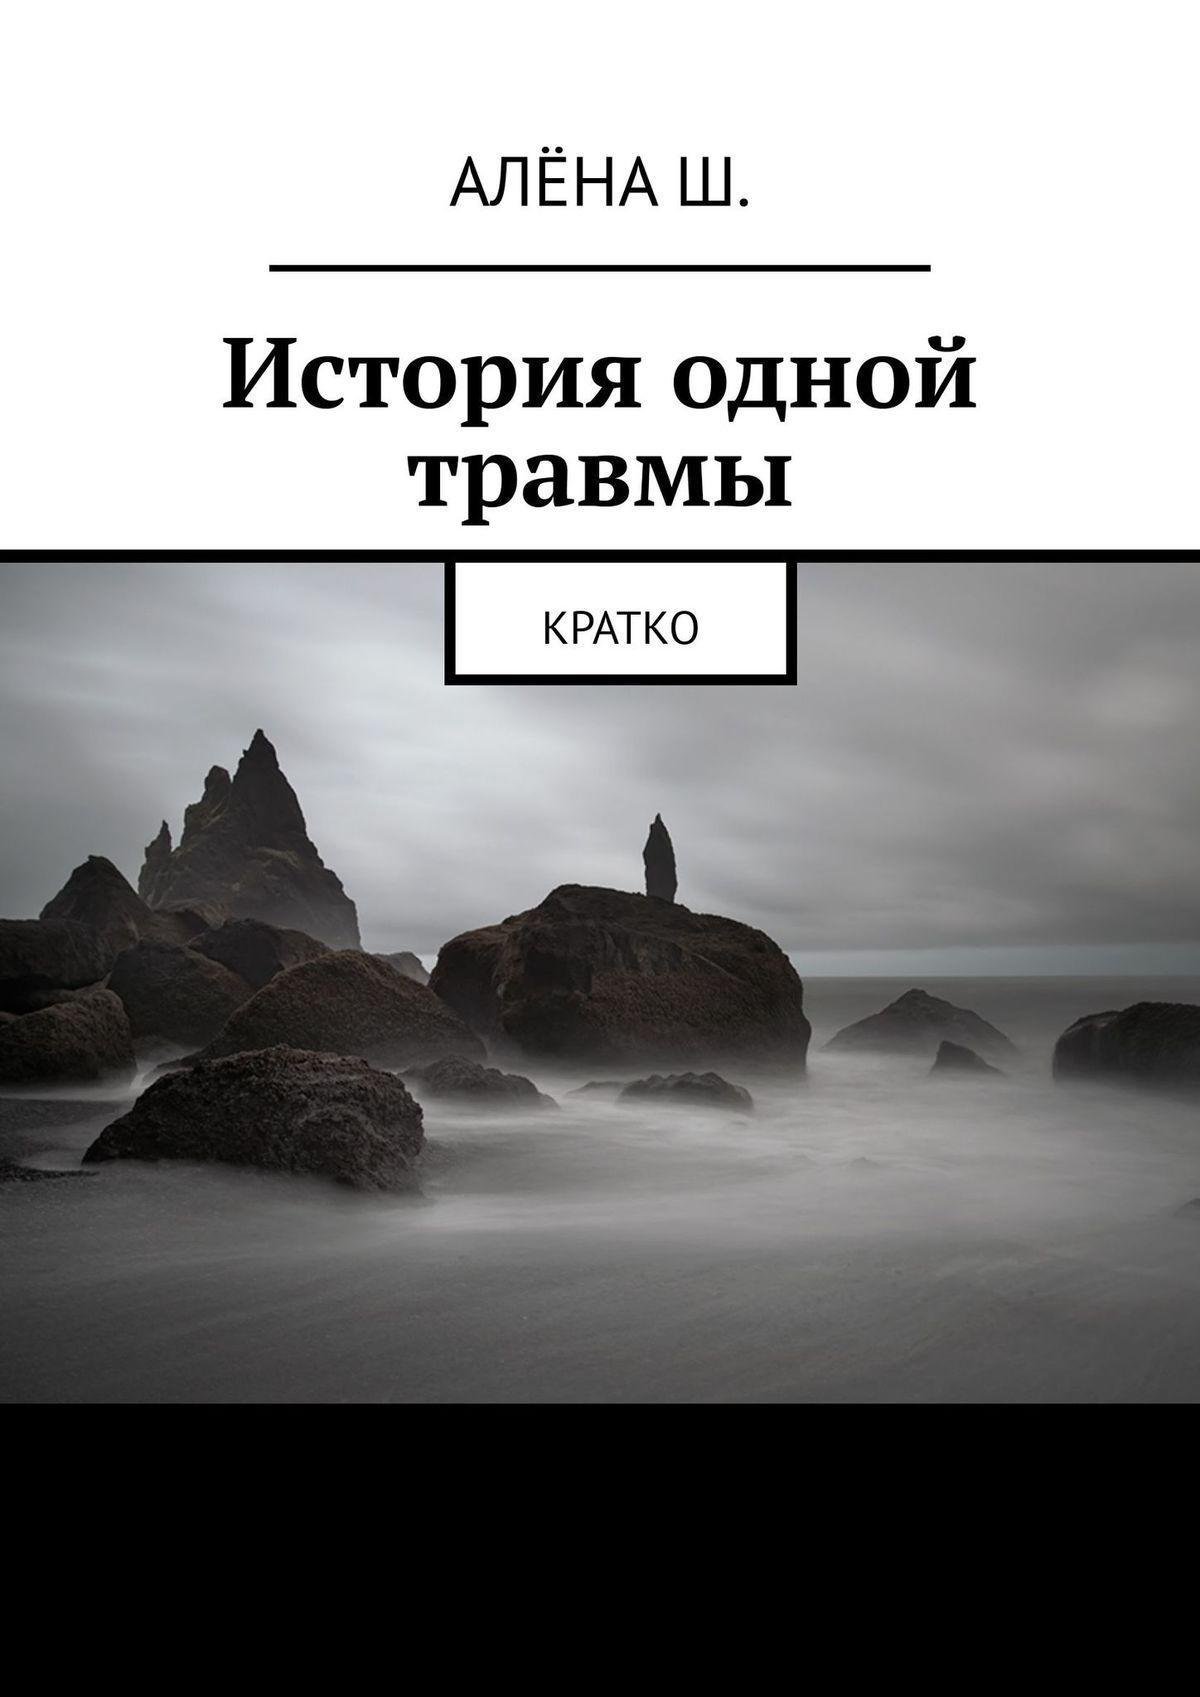 Дарина Мирус Memorium & Textus. Слюбовью иблагодарностью к жизни